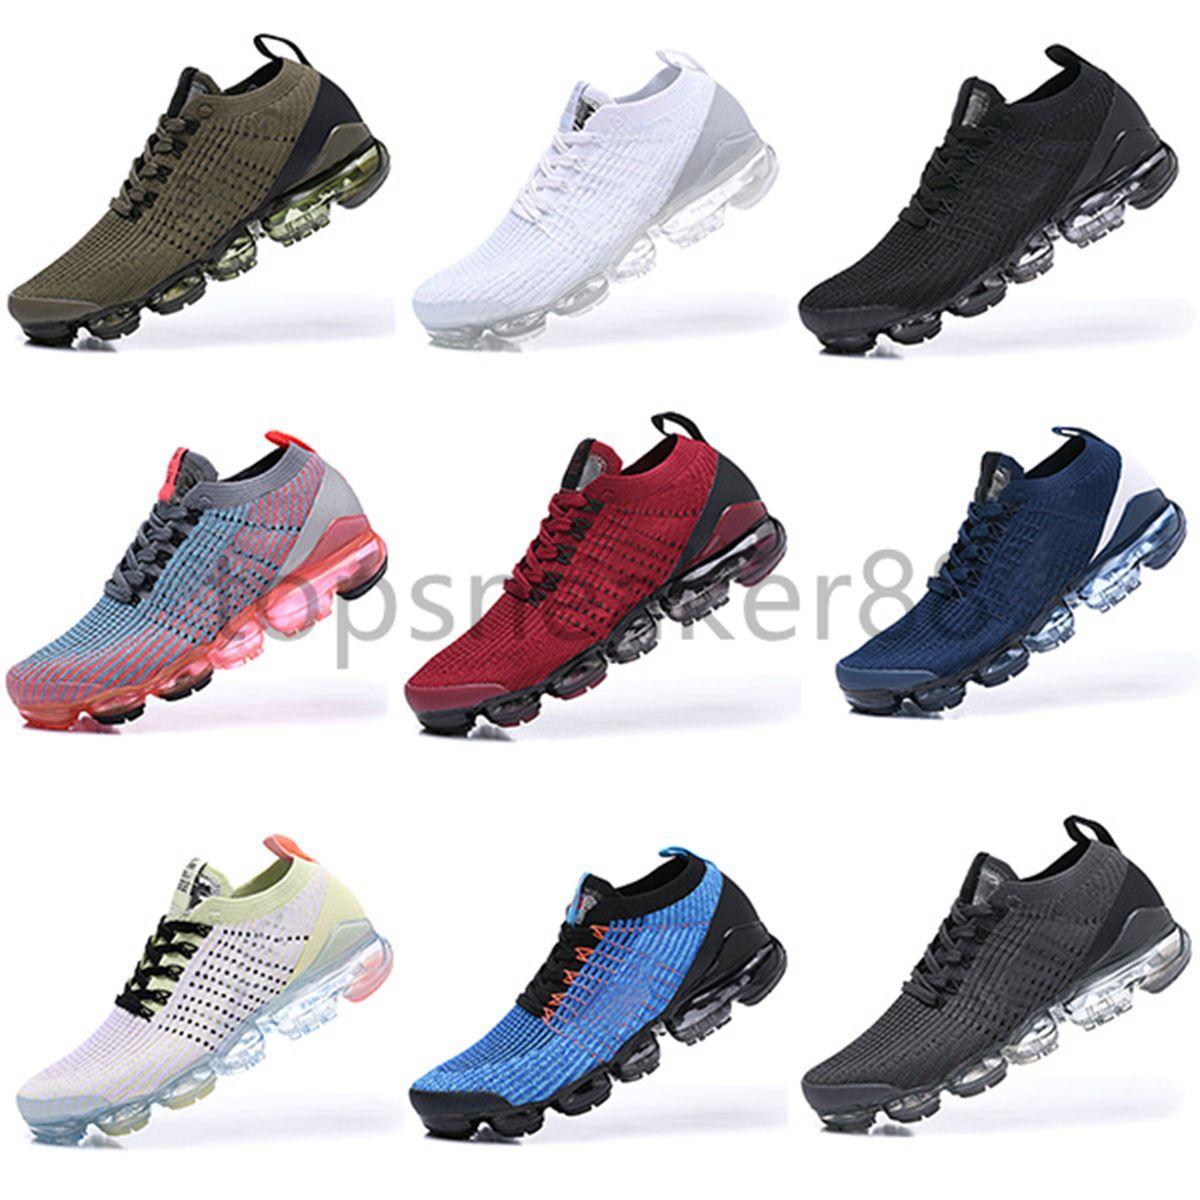 2021 Yeni Yüksek Kaliteli Chaussures MOC 2 Yok Dantel 2.0 Koşu Ayakkabıları Üç Siyah Tasarımcı Erkek Ve Bayan Spor Ayakkabıları Uçan Beyaz Örme MA